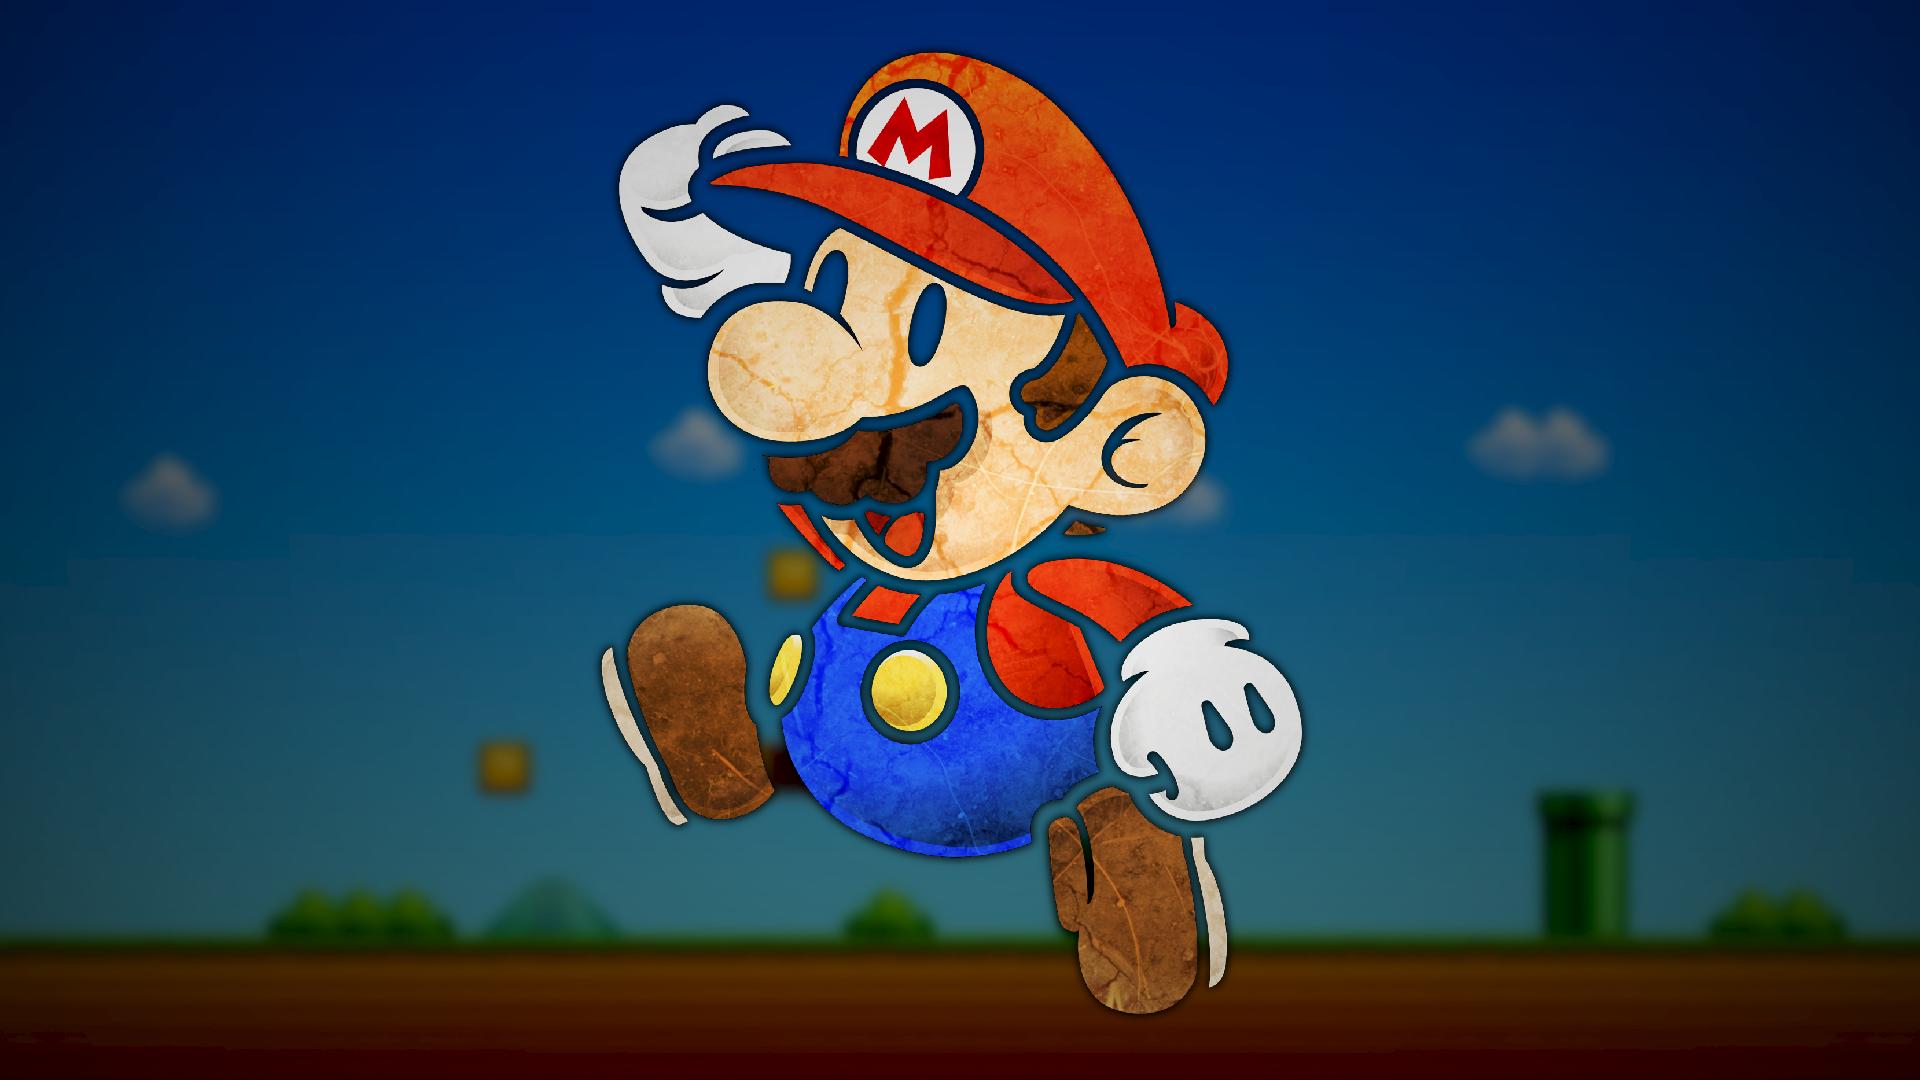 Fond D écran Illustration Art Numérique Jeux Vidéo